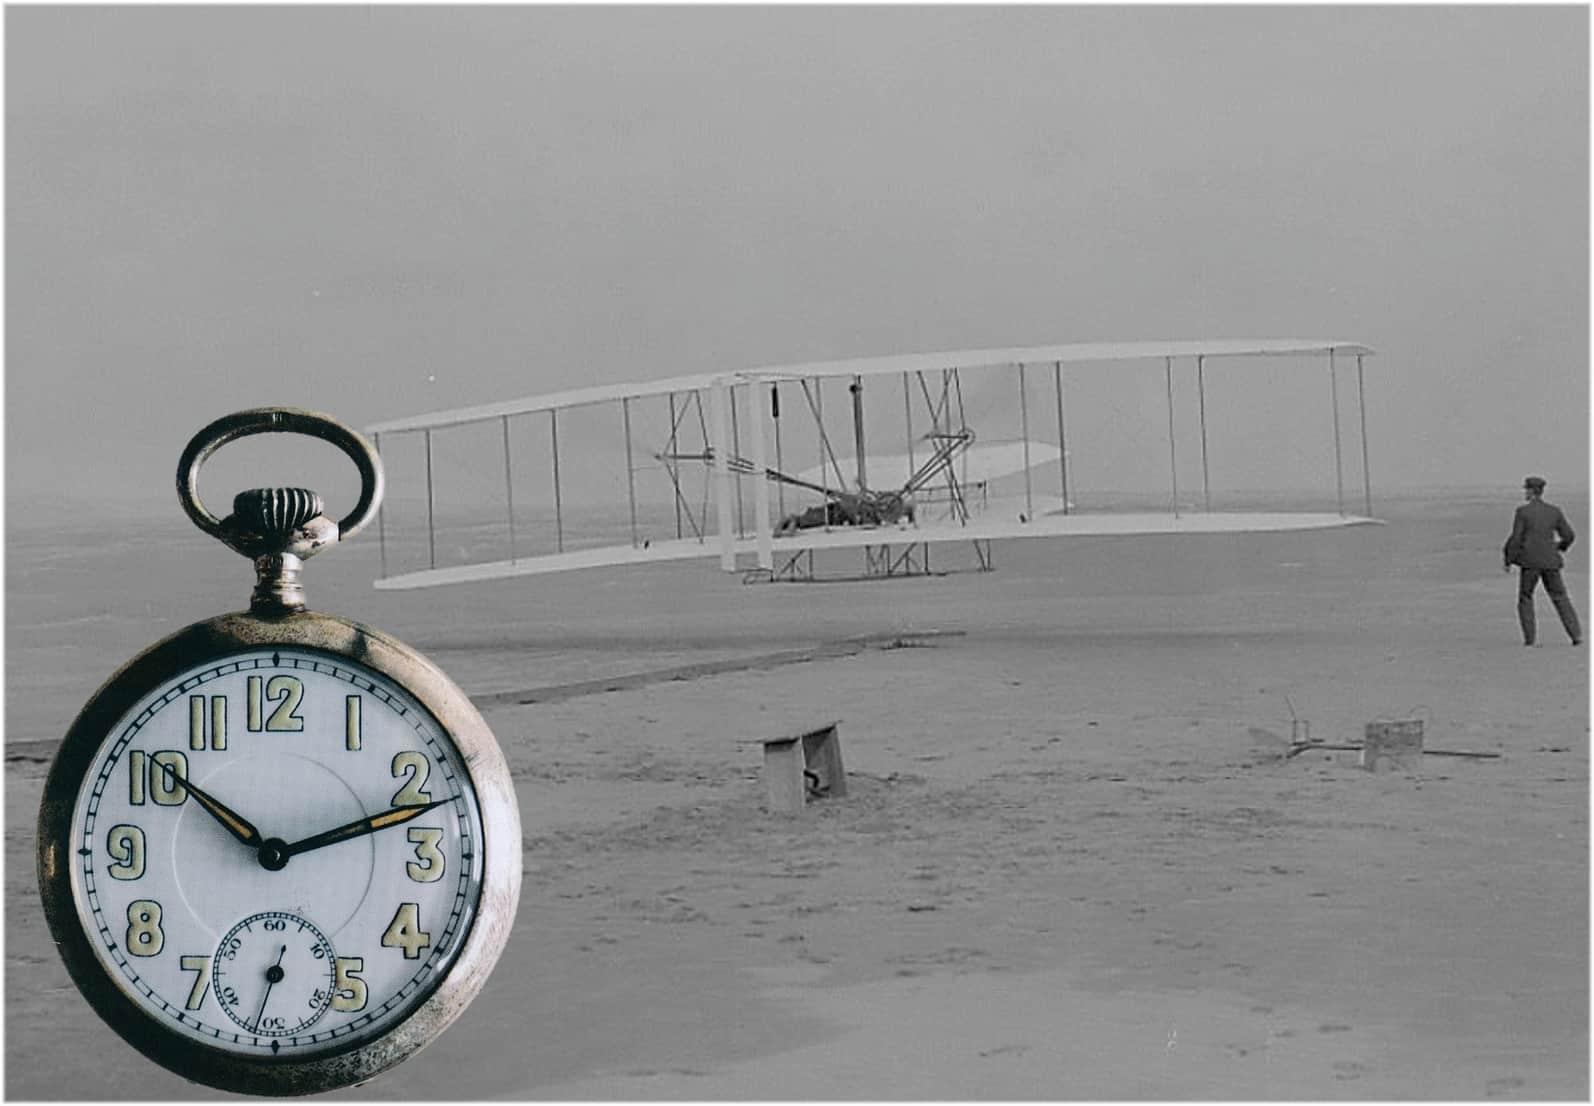 Wilbur Wright Erstflug am 17. Dezember 1903